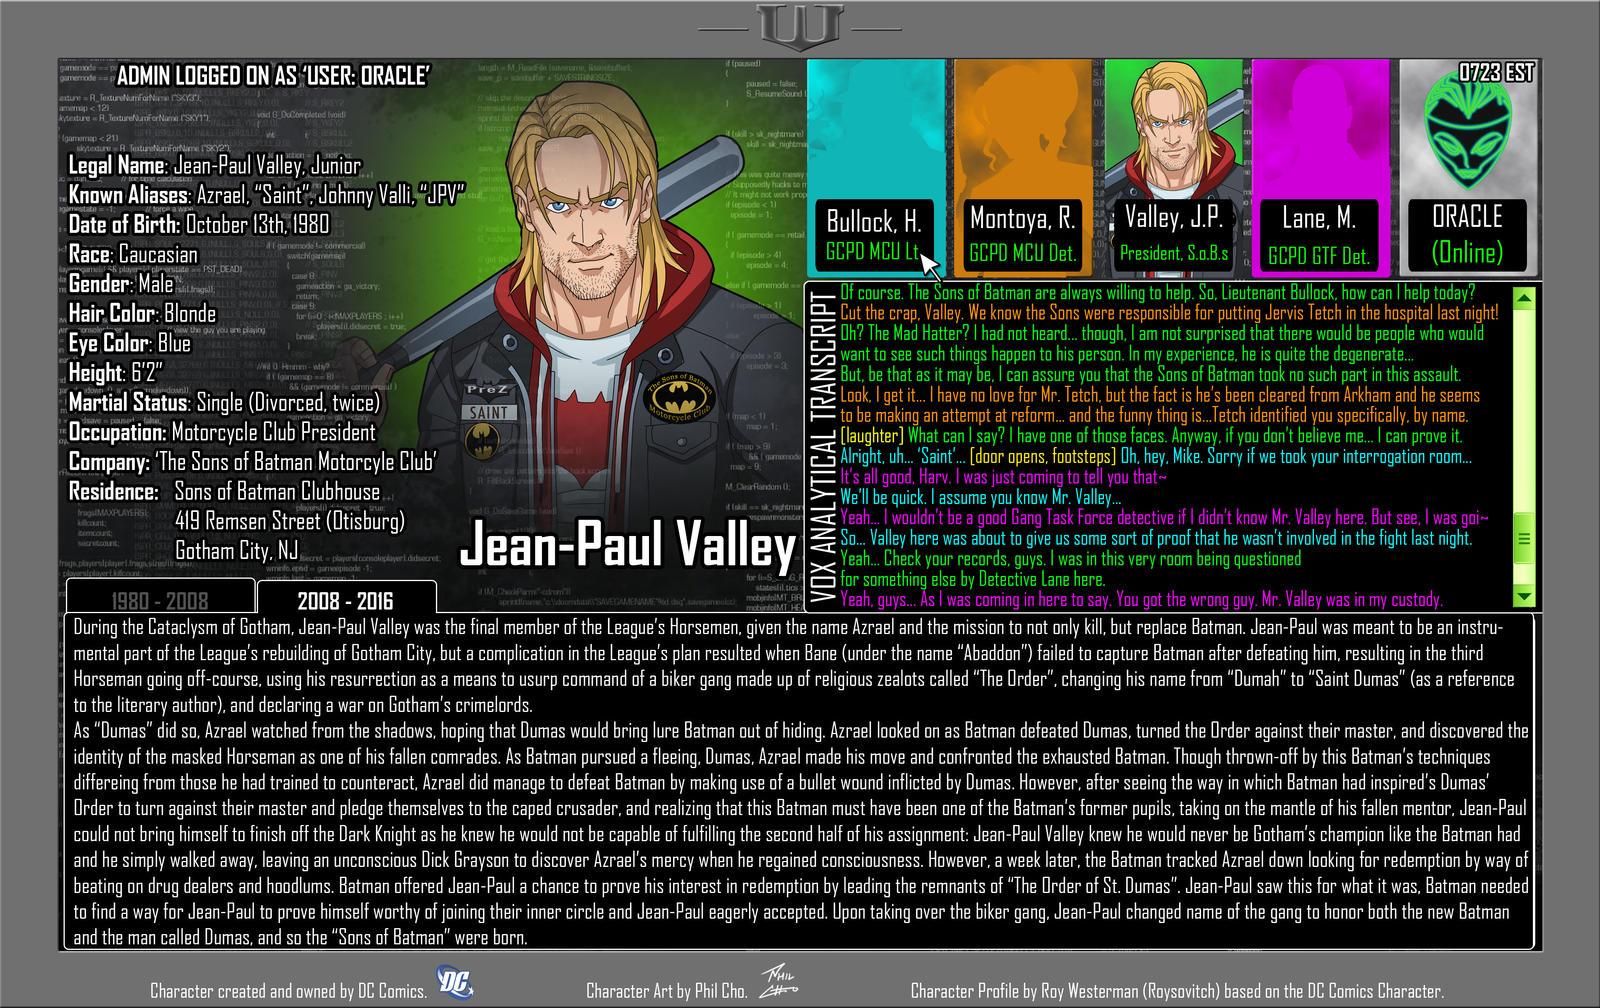 Oracle Files - Jean-Paul Valley 2008-2016